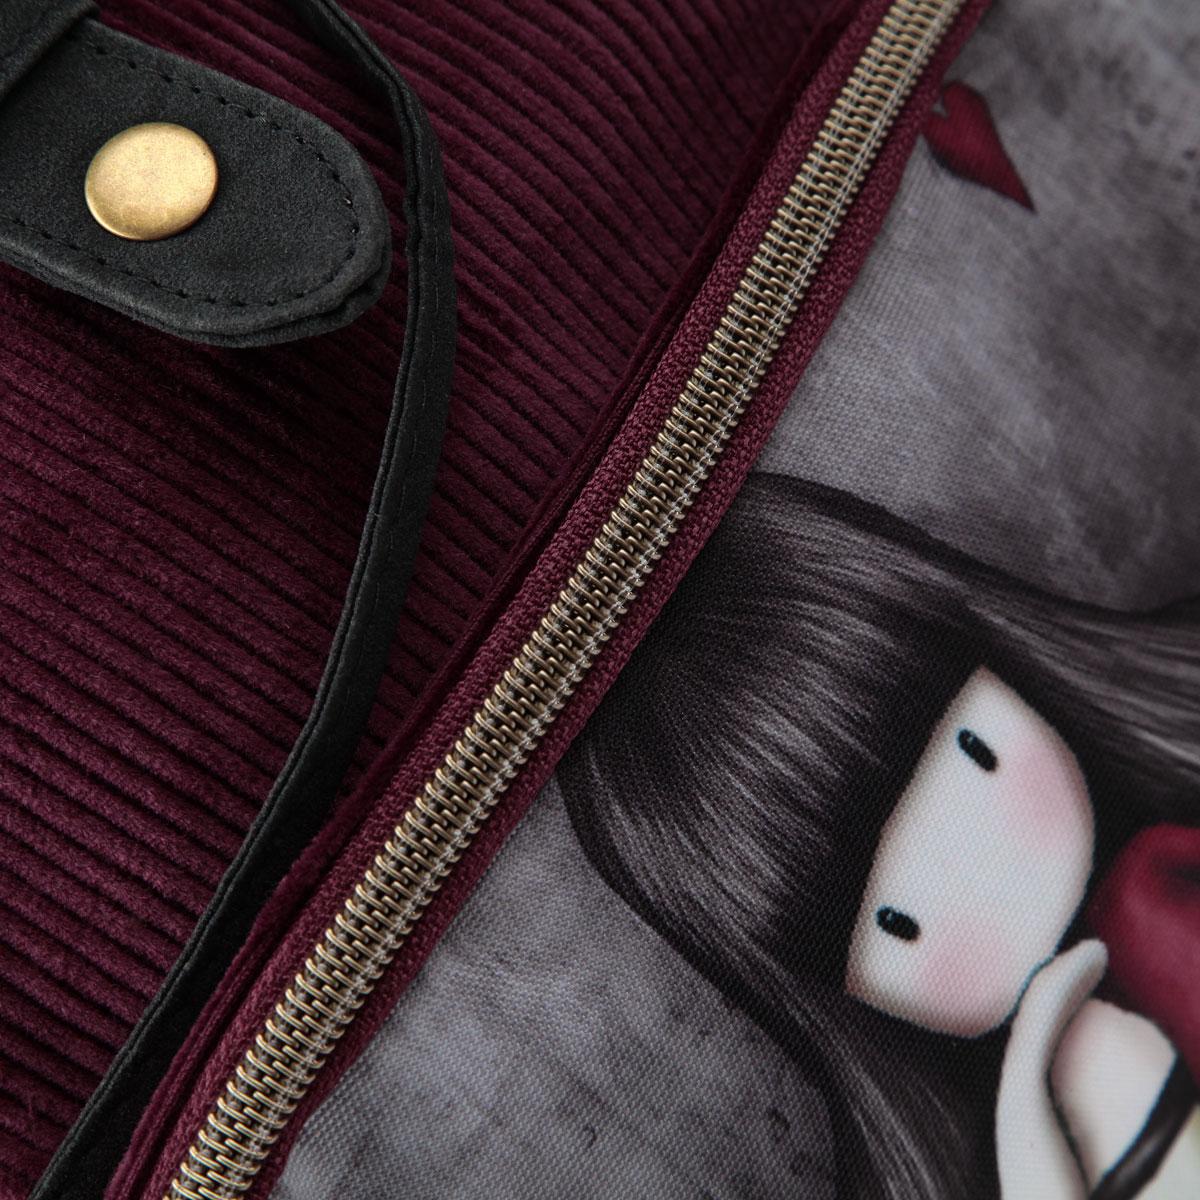 Стильный рюкзак Santoro Gorjuss для очаровательной модницы с трогательным принтом - это идеальная модель для учебы или отдыха. Легкий и удобный рюкзак станет незаменимым аксессуаром. Вместительное внутреннее отделение закрывается клапаном на кнопке и шнурком, в него поместятся все необходимые школьные принадлежности. Дополнительный фронтальный карман закрывается на молнию с металлическим замком в форме сердечка и предназначен для средних и мелких предметов, боковые кармашки закрываются на кнопки. Внутреннее отделение содержит дополнительный карман на молнии и два небольших открытых кармана. Лямки рюкзака свободно регулируются по длине, обеспечивая удобство и комфорт, ручка сверху позволяет с легкостью носить его в руках. Лаконичный и сдержанный дизайн подчеркнет индивидуальность и порадует своей функциональностью.